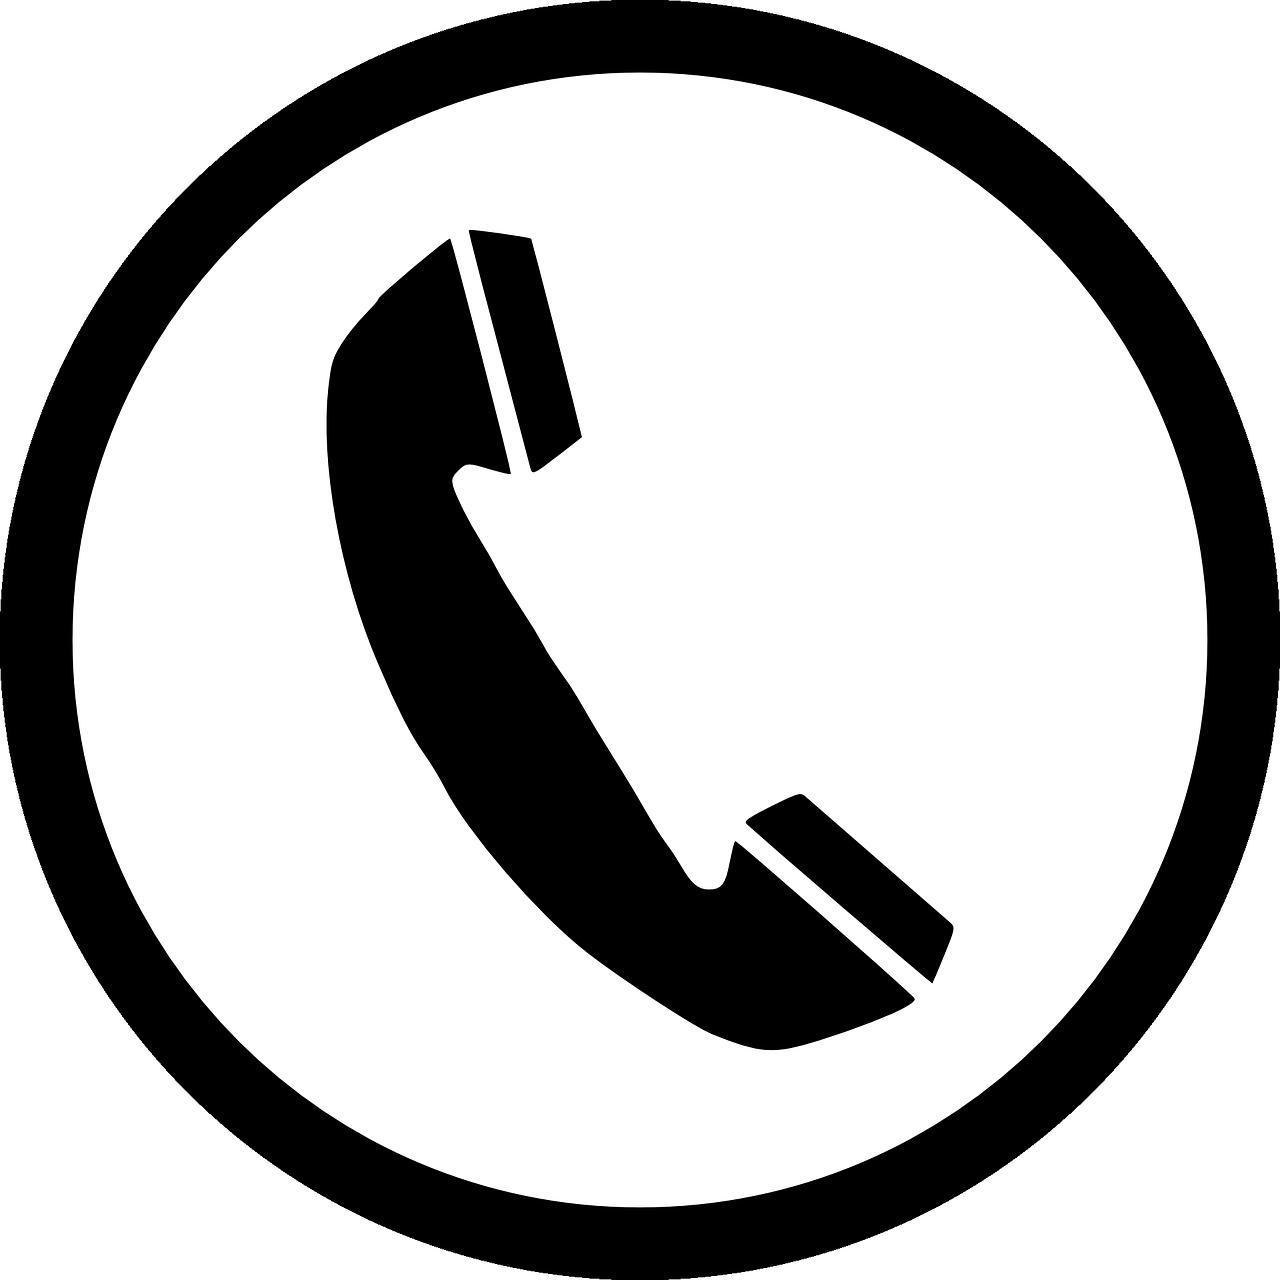 Free Image On Pixabay Phone Telephone Communication Call Logo Snapchat Logo Communication Icon